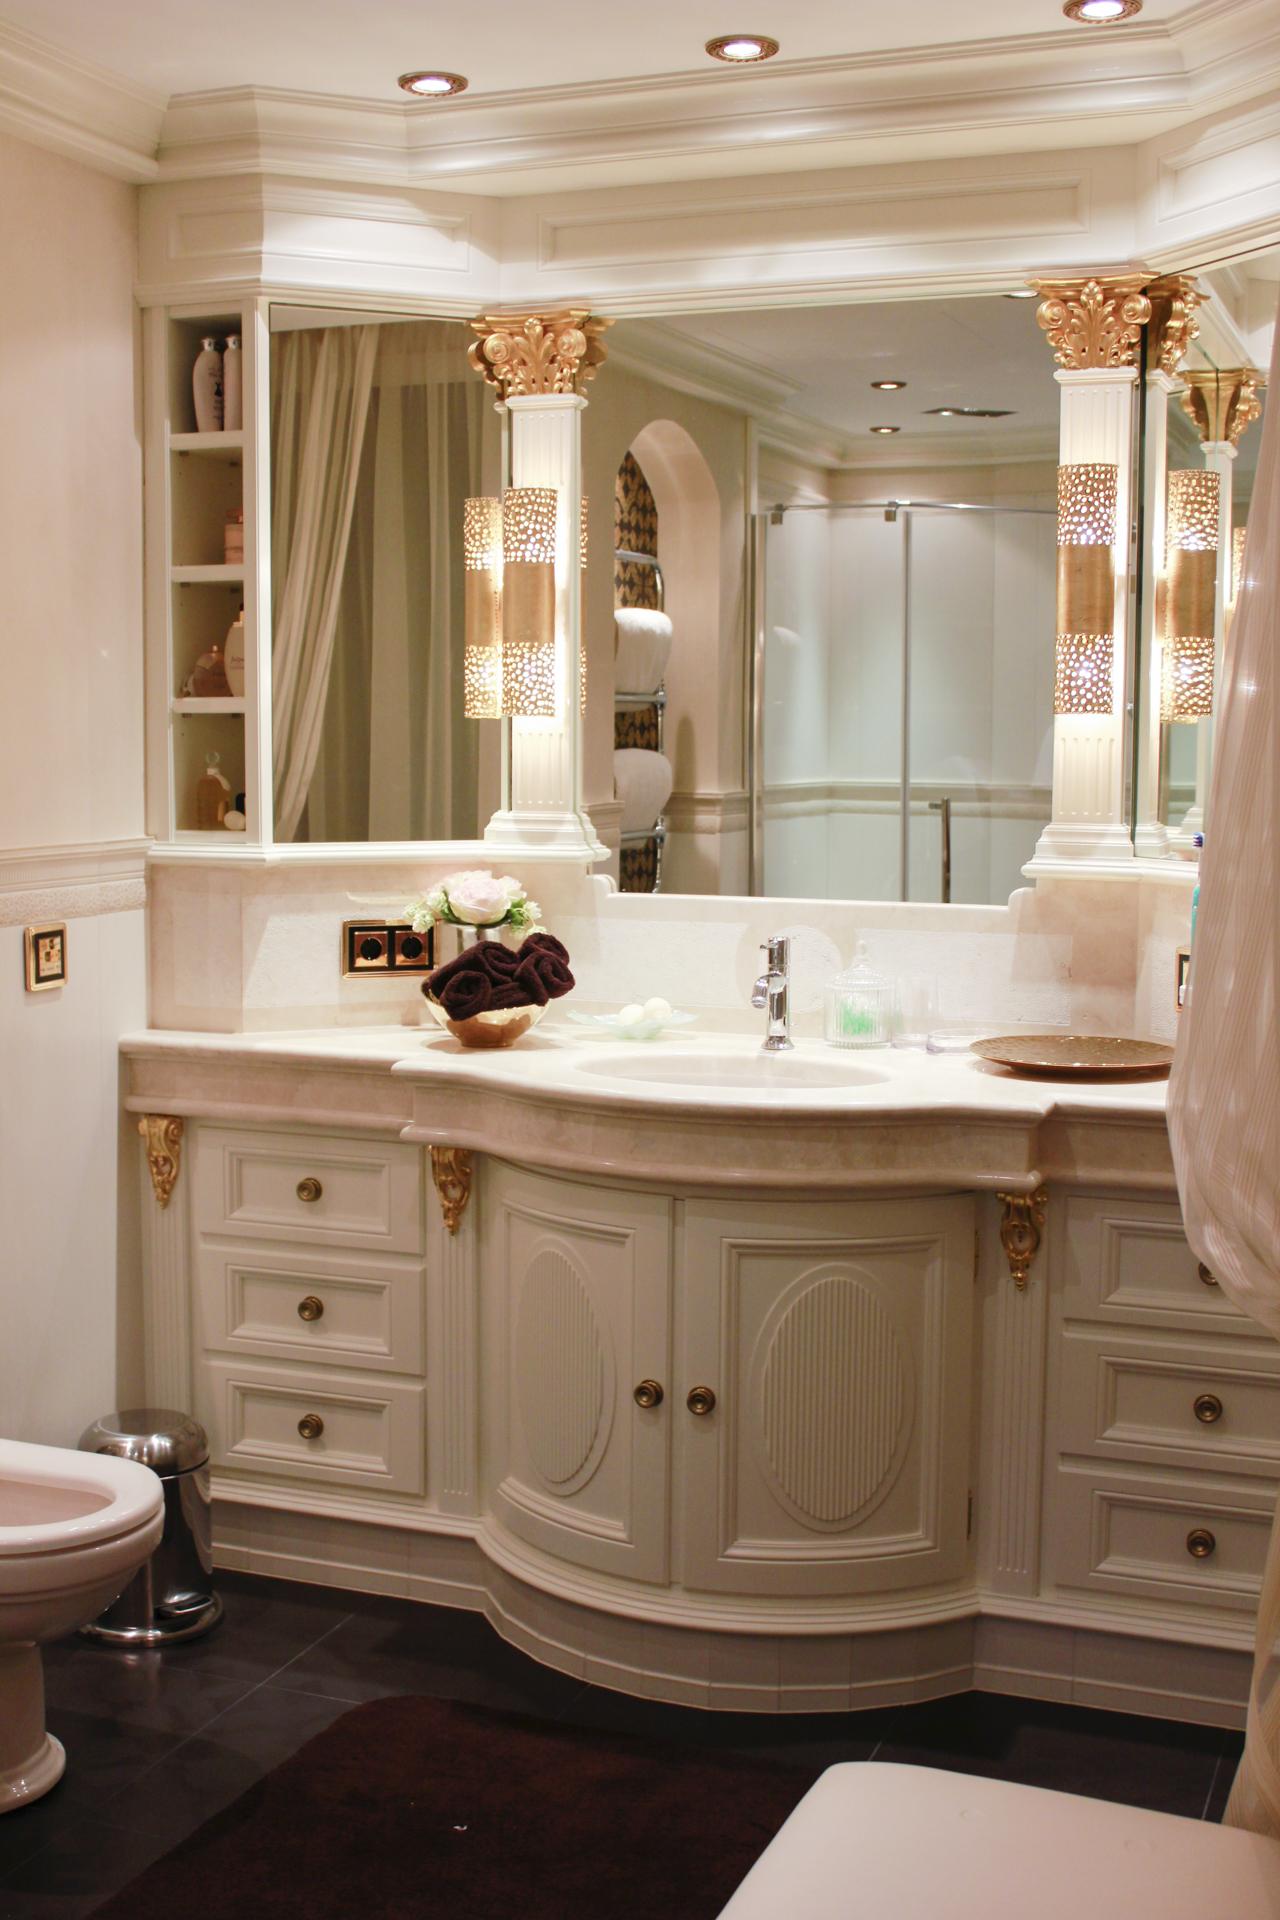 tischlerei-decker-wohnung-italien-badezimmer-waschtisch